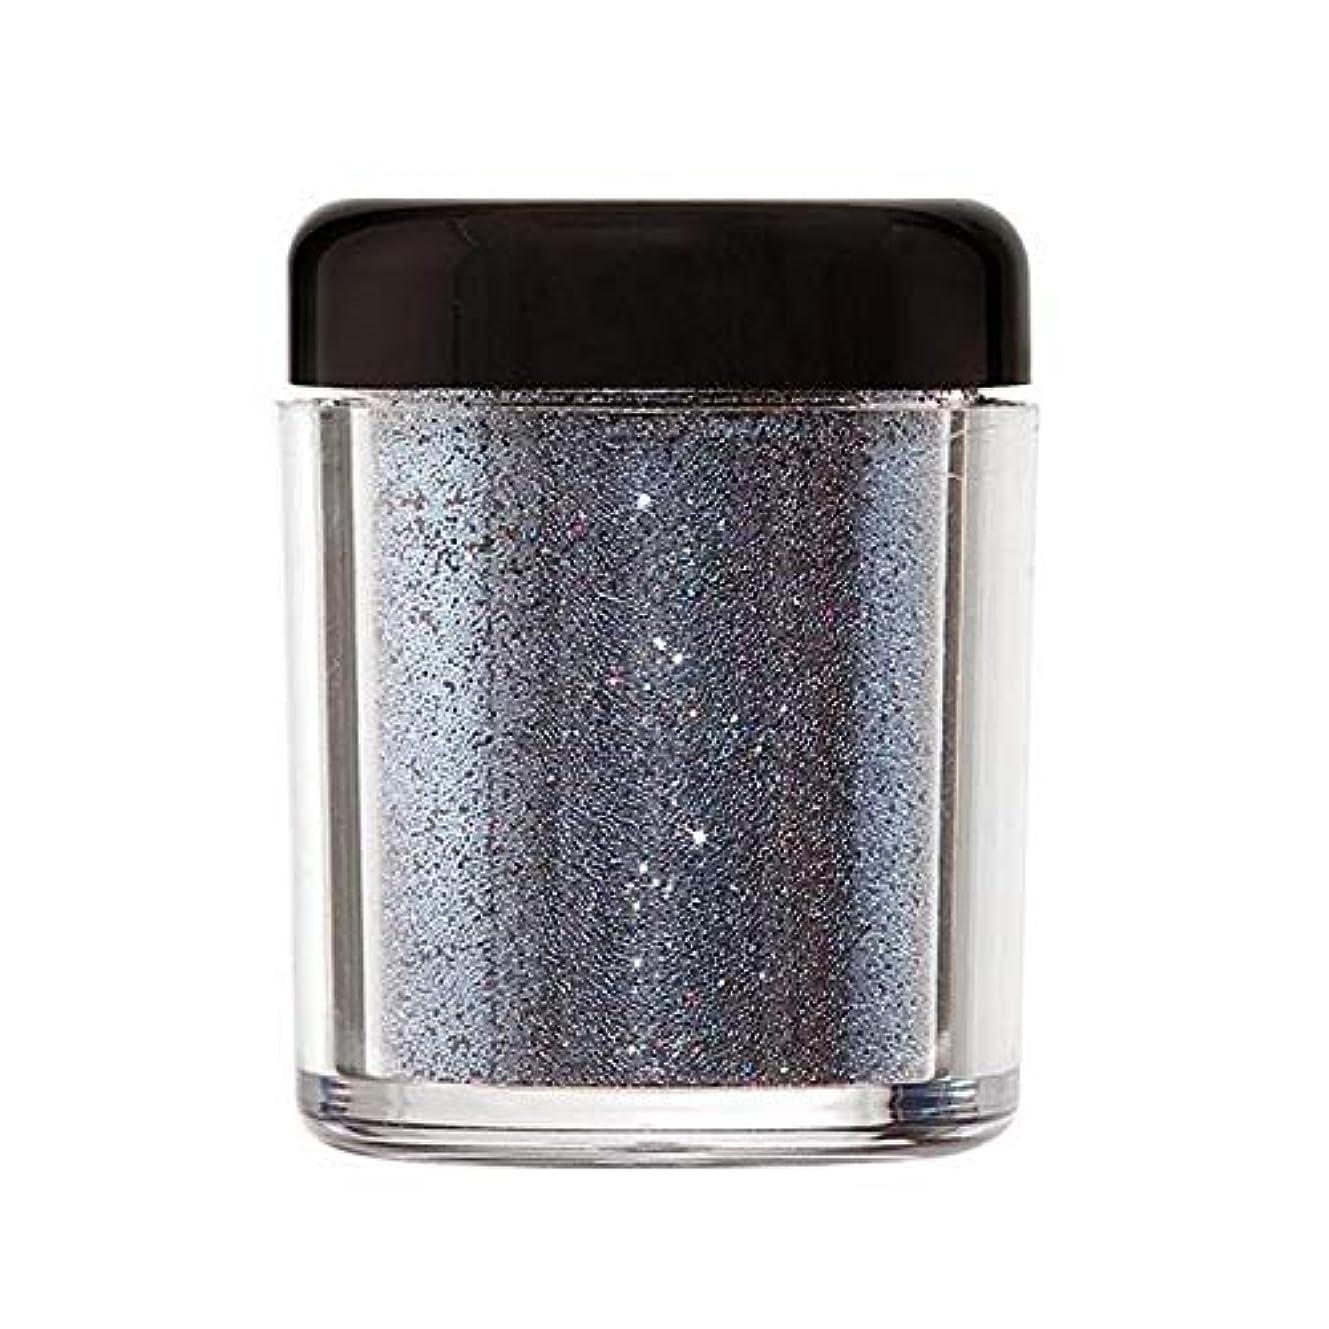 毎月確保する常習的[Barry M ] バリーメートルグリッターラッシュボディの輝き - オニキス - Barry M Glitter Rush Body Glitter - Onyx [並行輸入品]